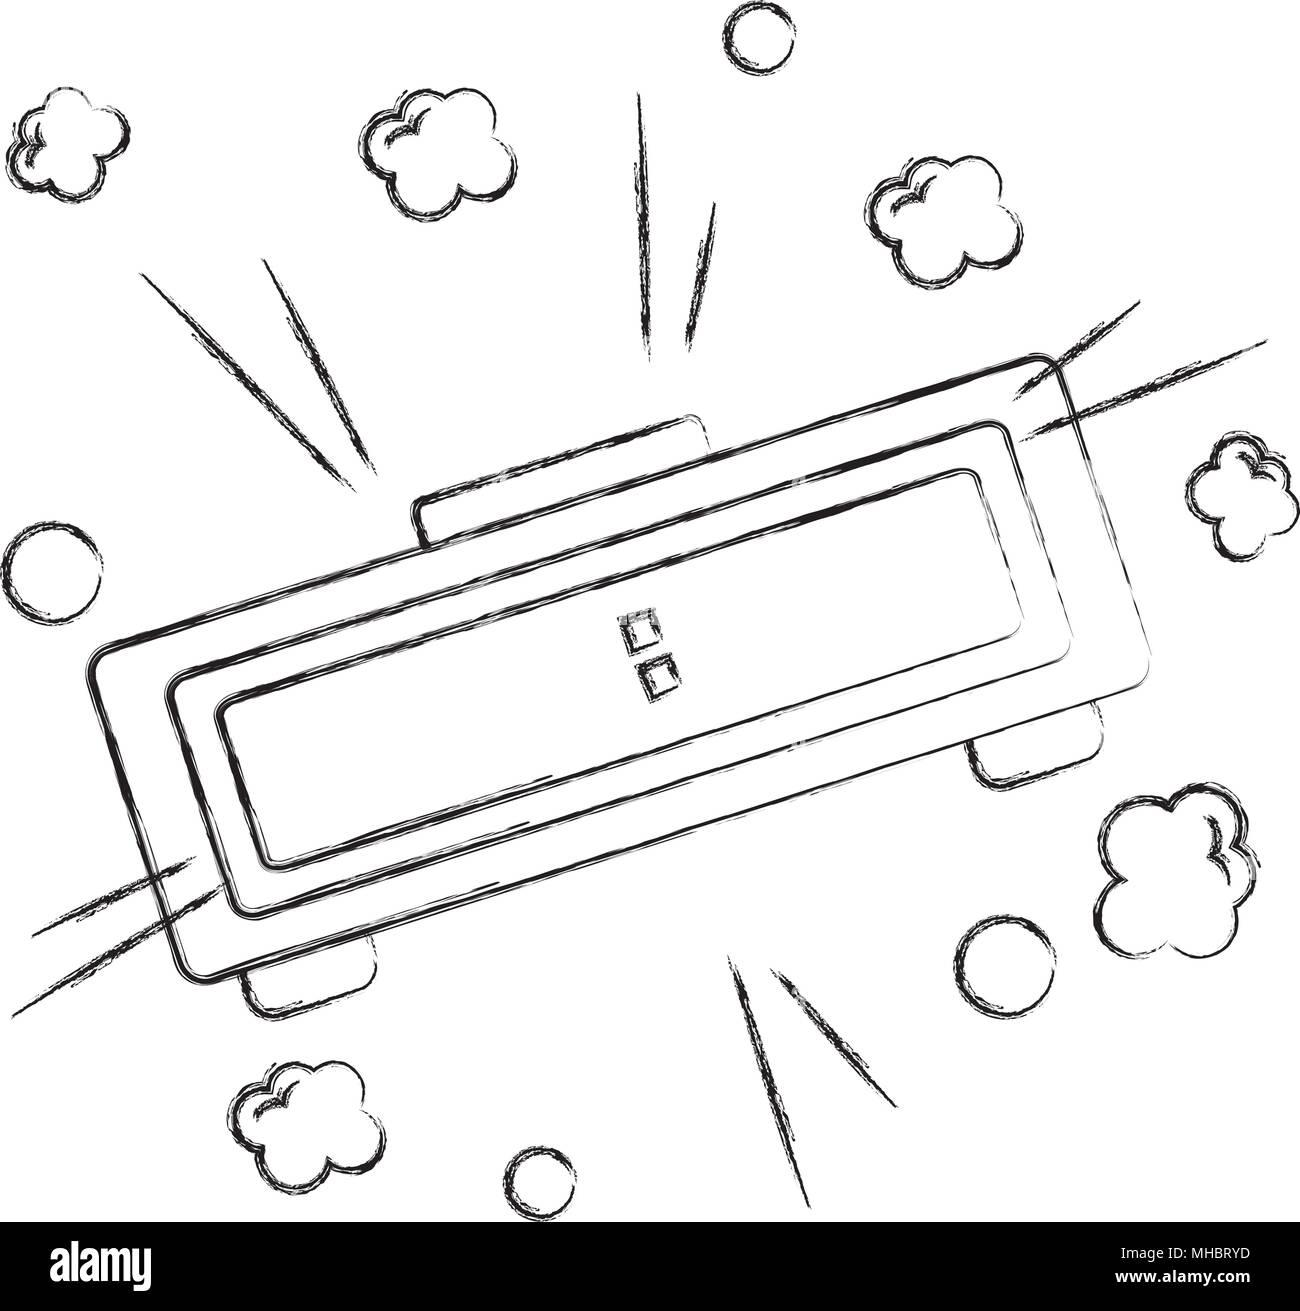 digital alarm clock pop art style vector illustration - Stock Vector